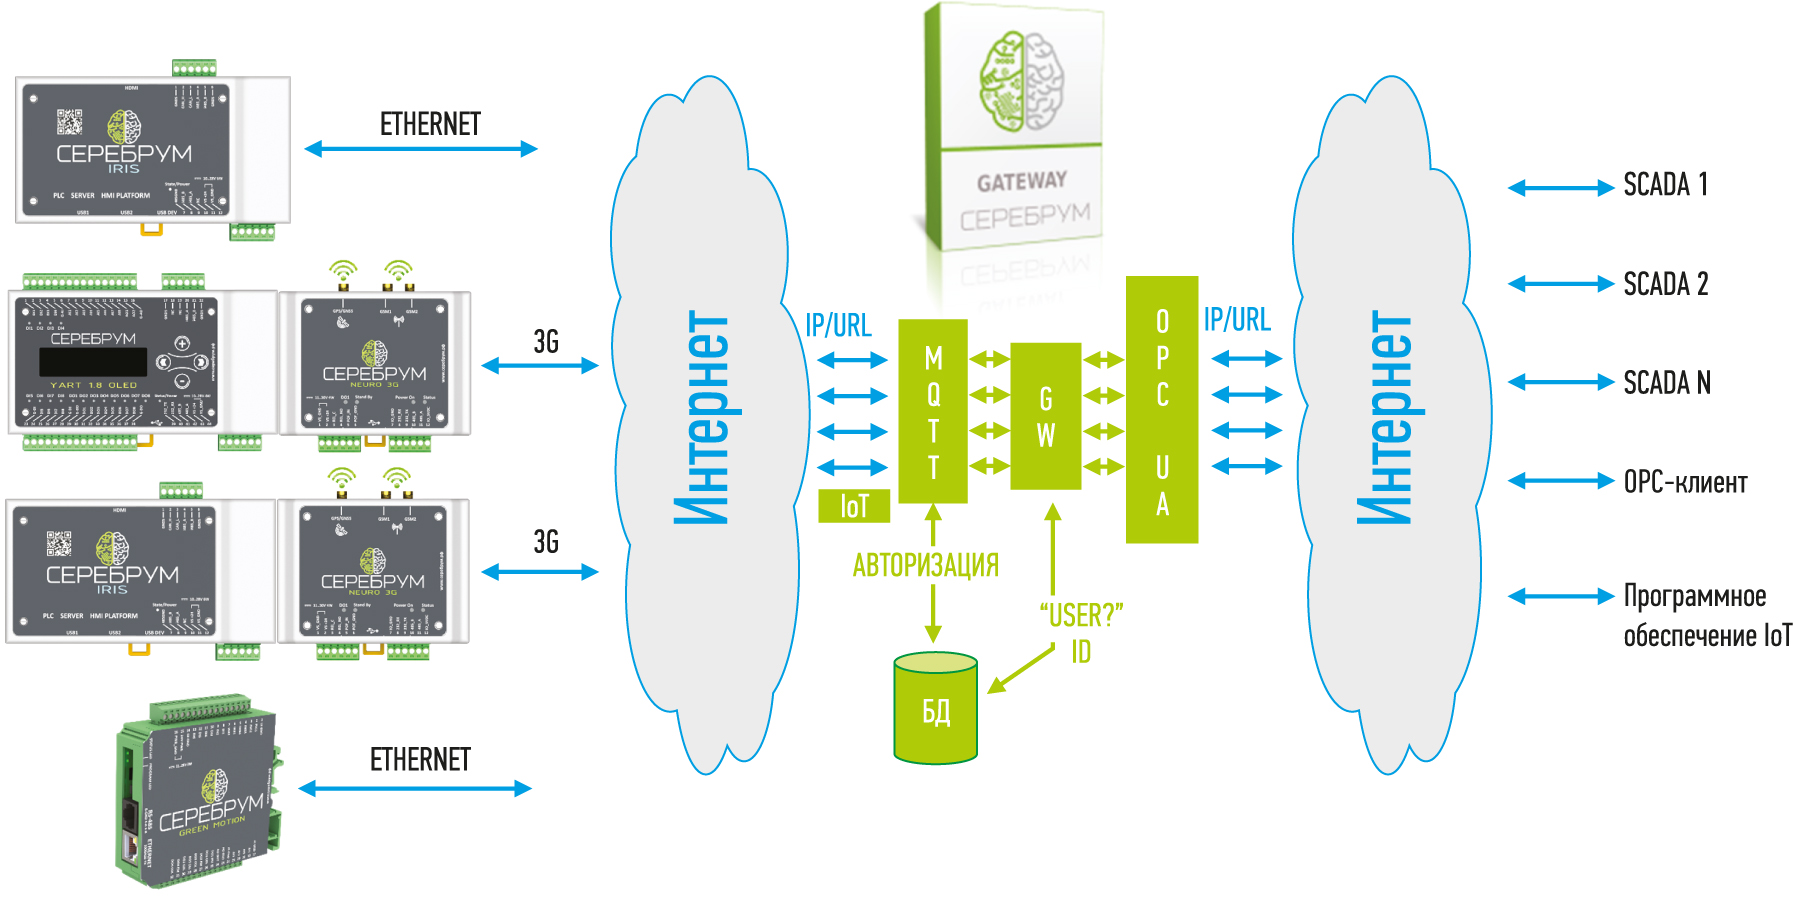 Схема передачи данных в IoT-протоколе СЕРЕБРУМ